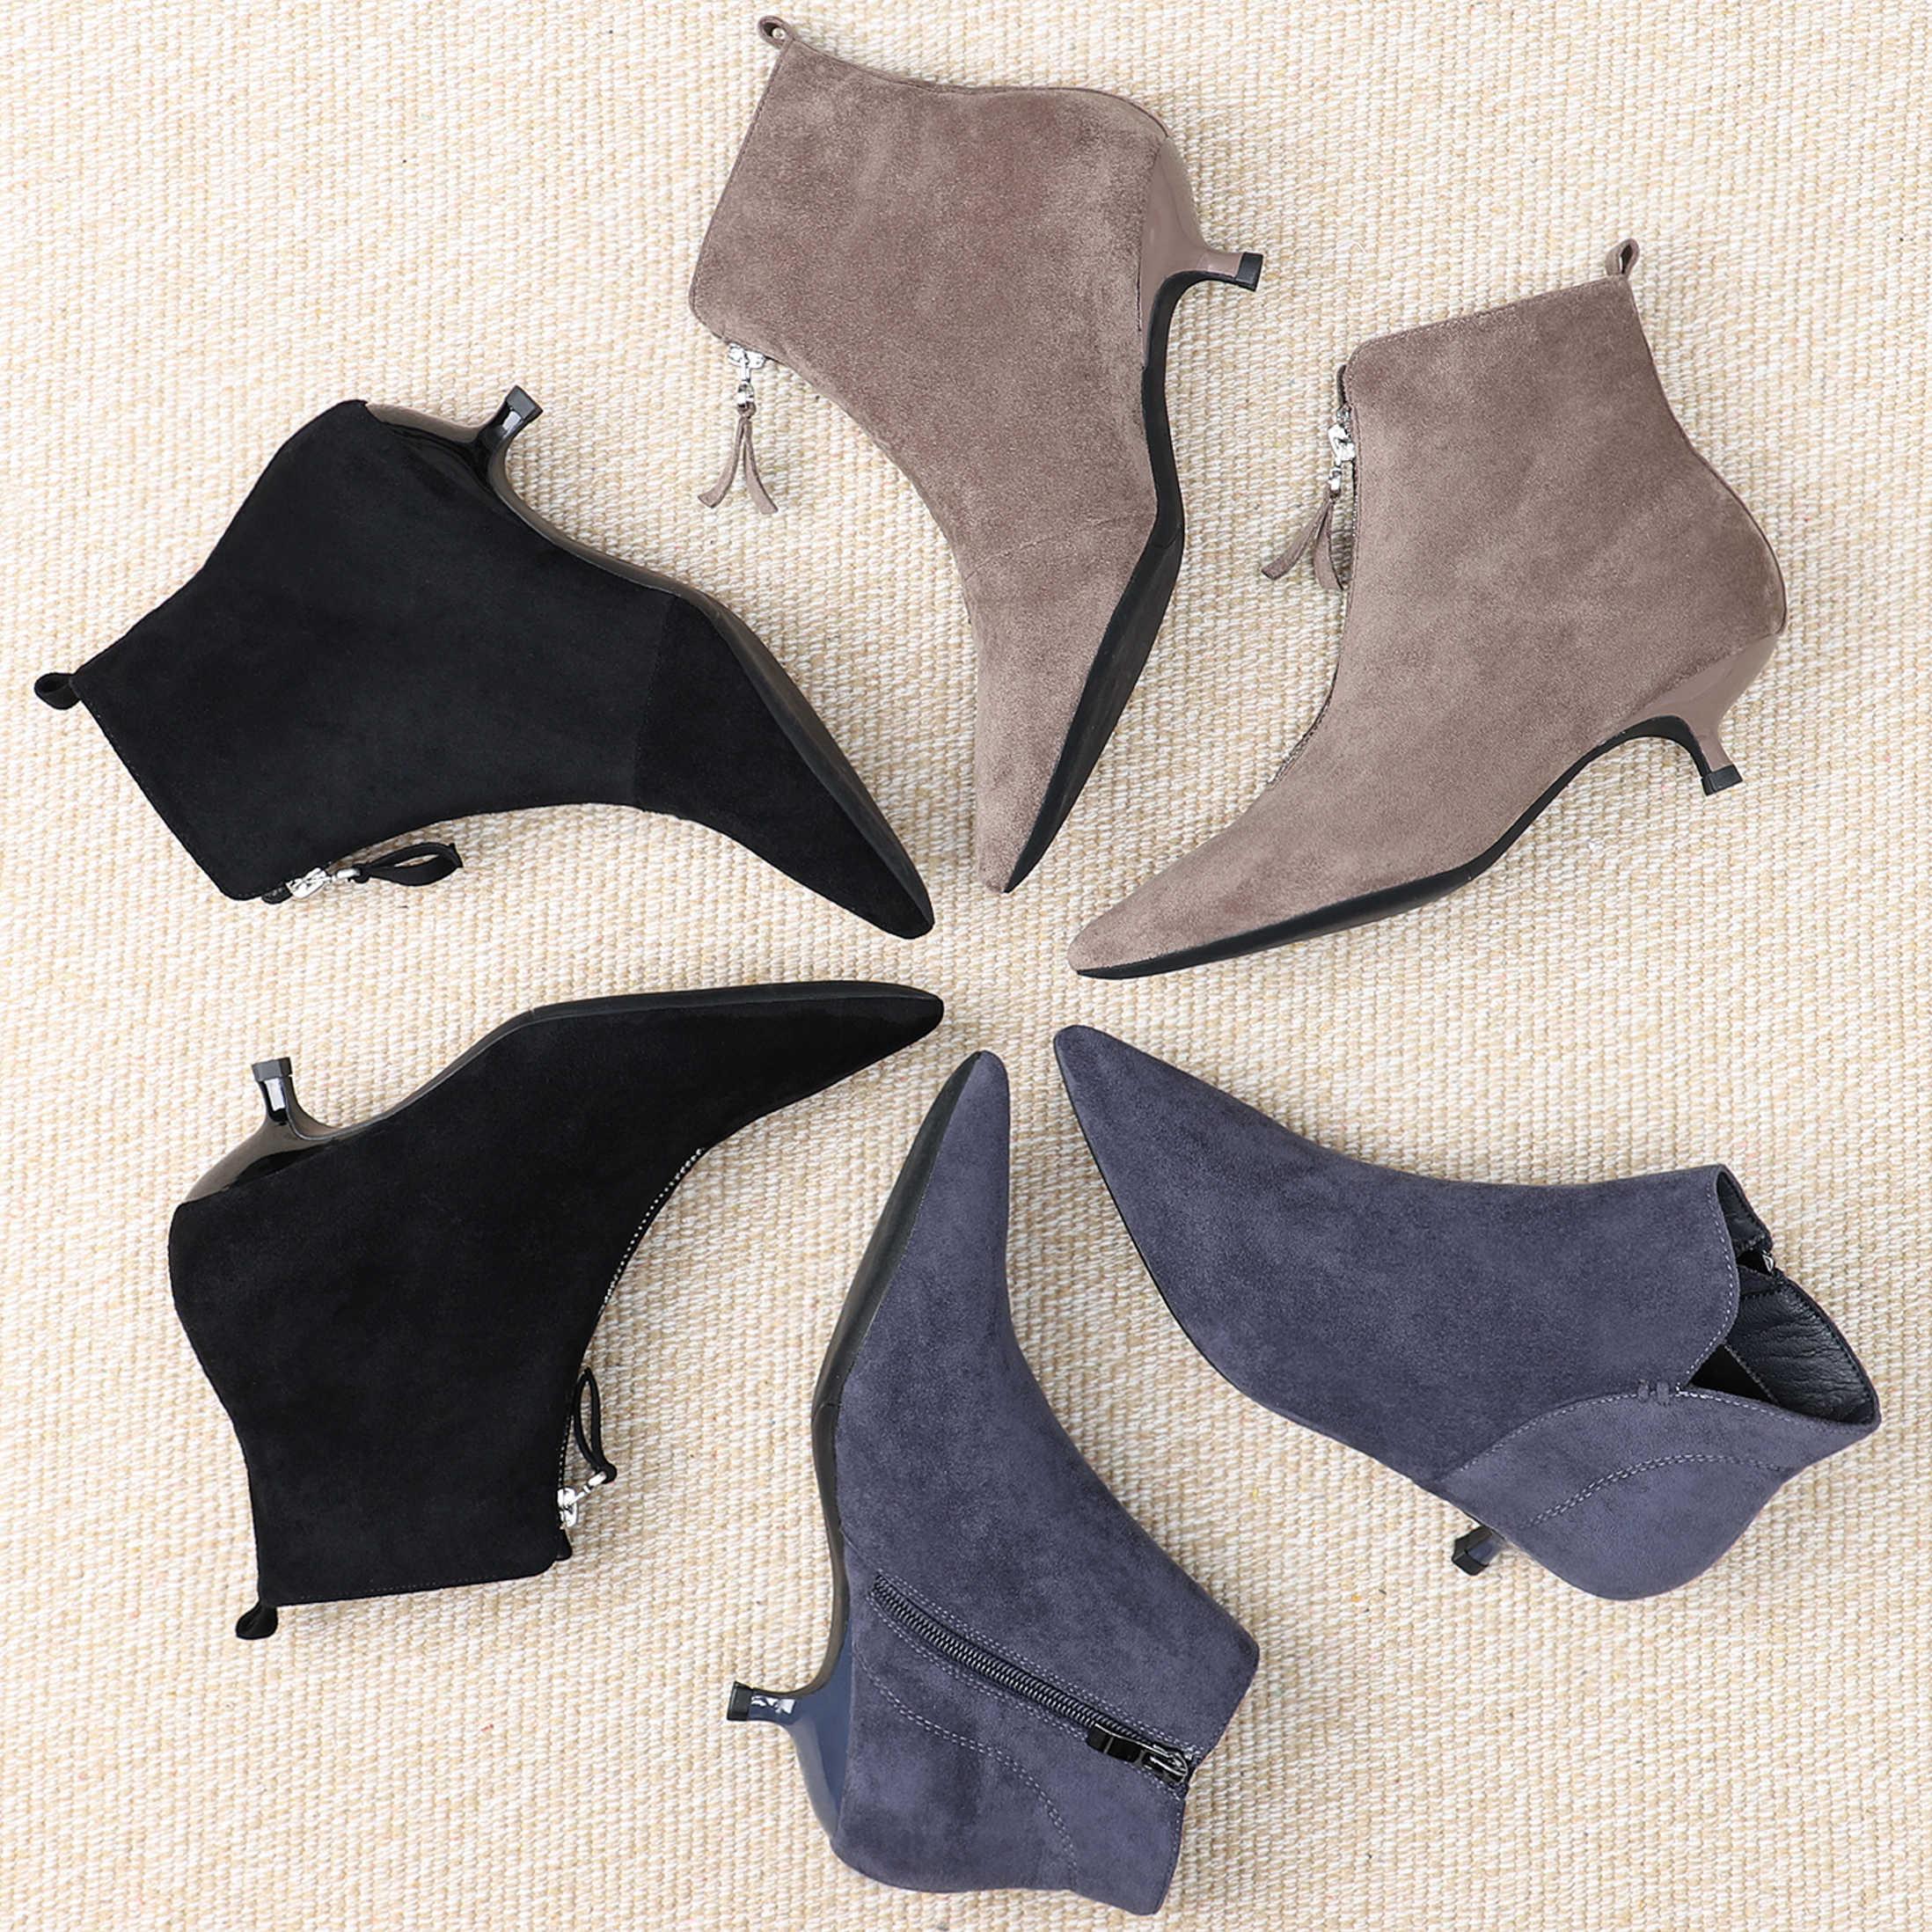 Botas de invierno negras de 2019 para mujer, zapatos de tacón alto con cremallera y puntiagudos, botas para mujer, tobillo, vaquero, Occidental de goma zapatos